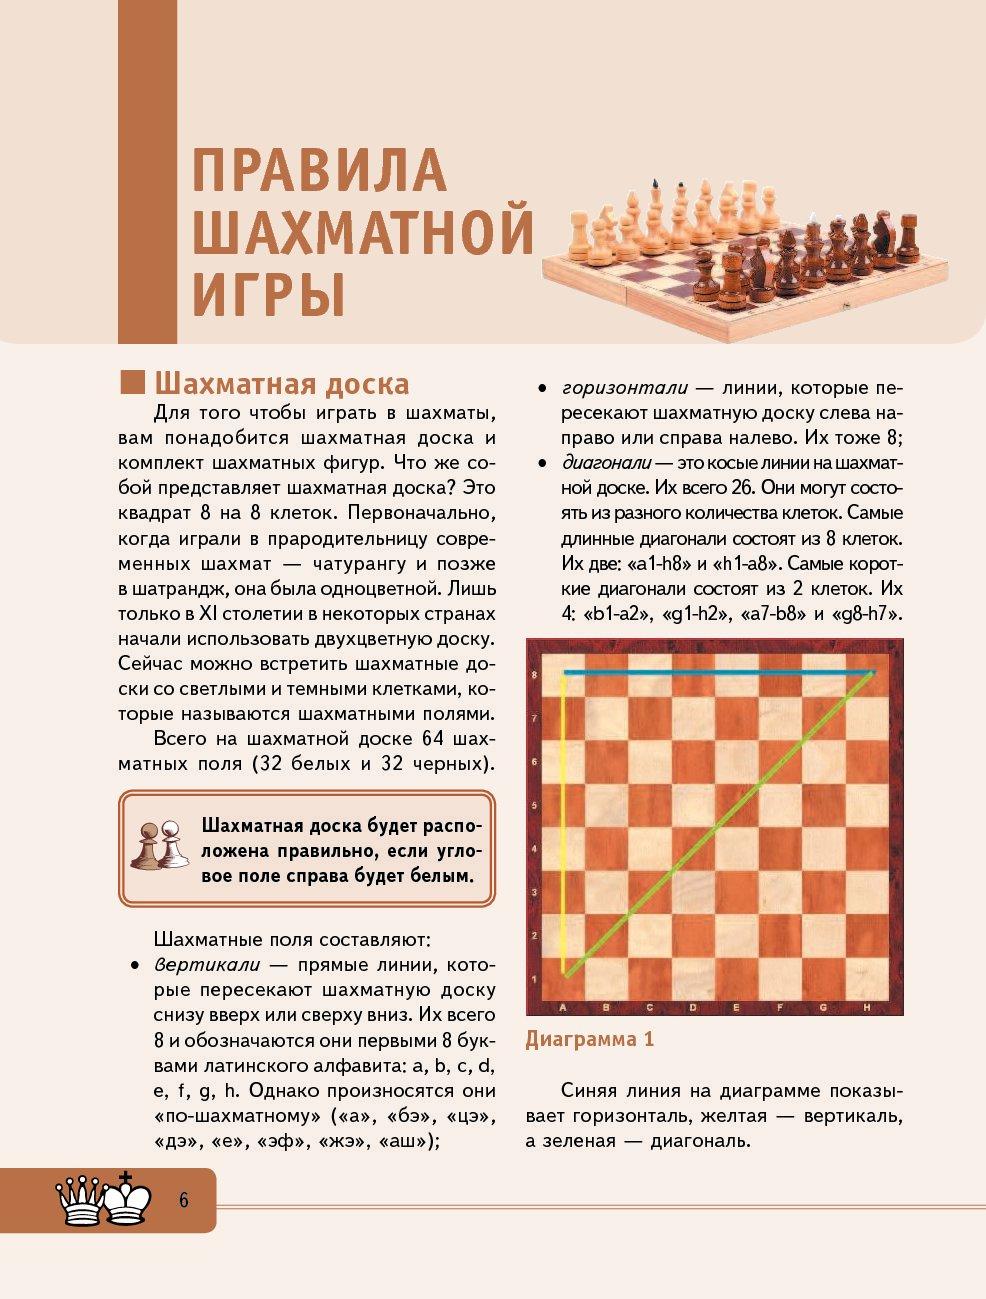 6 причин научить ребенка играть в шахматы